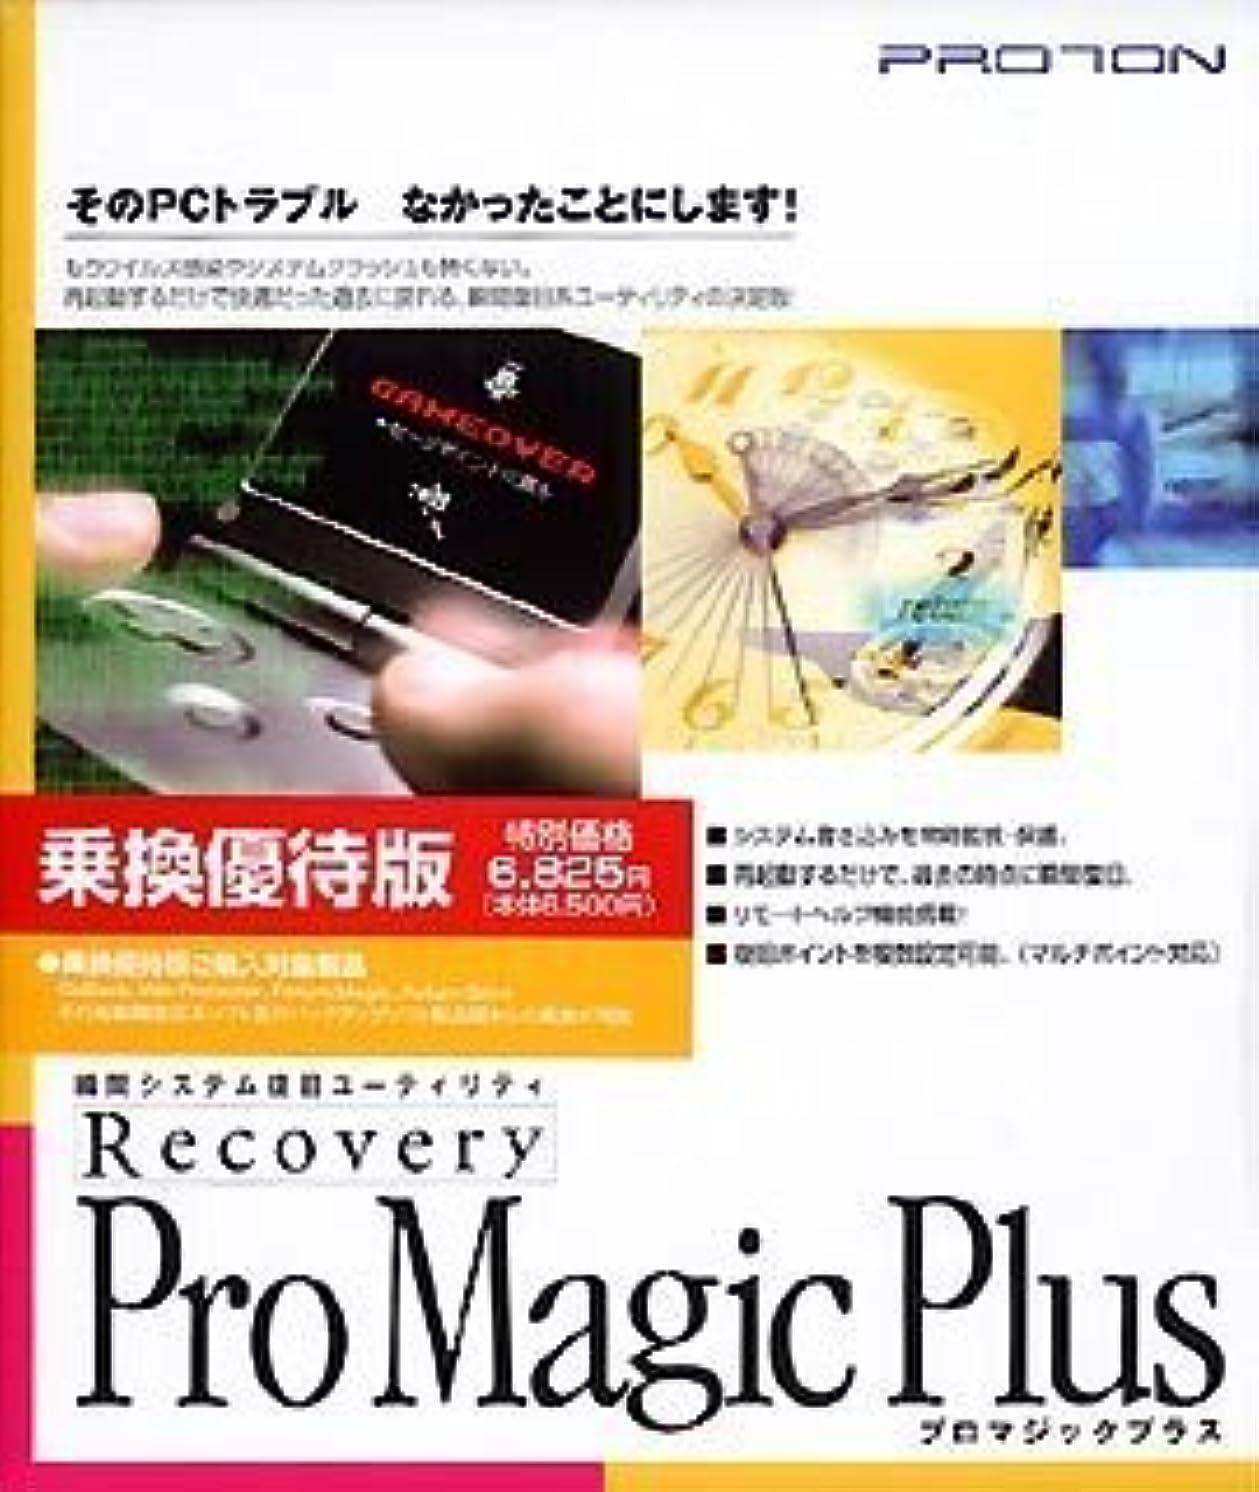 玉知事余裕があるPro Magic Plus 乗換優待版